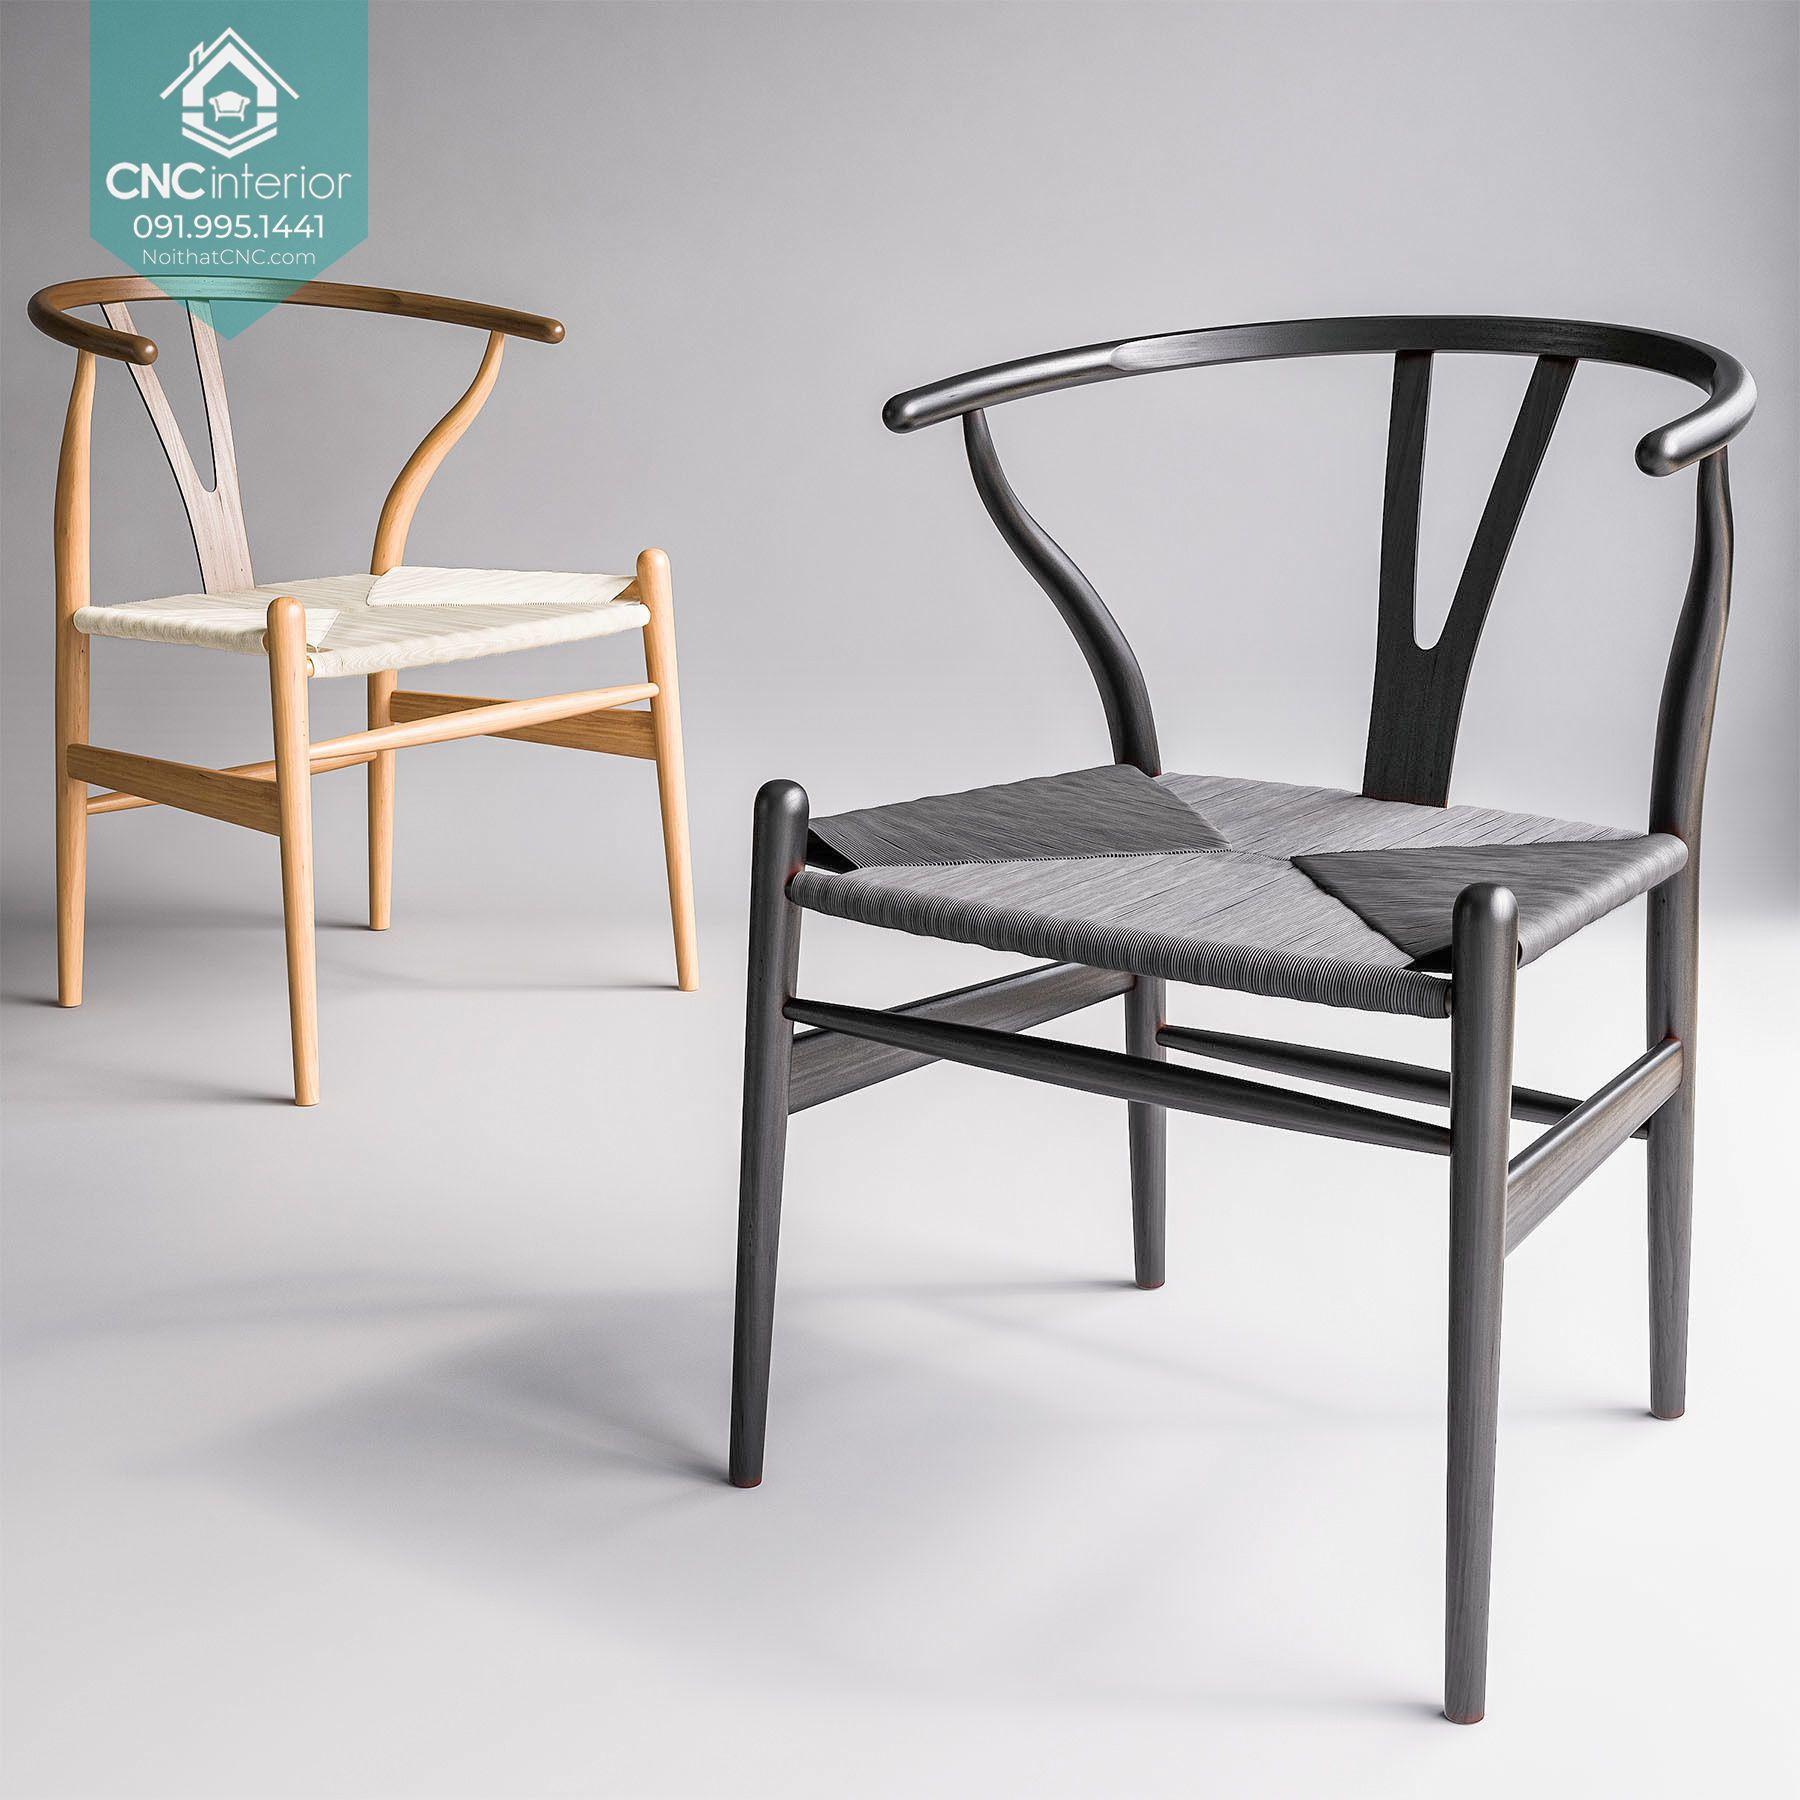 Ghế Wishbone hiện đại CNC 21 6